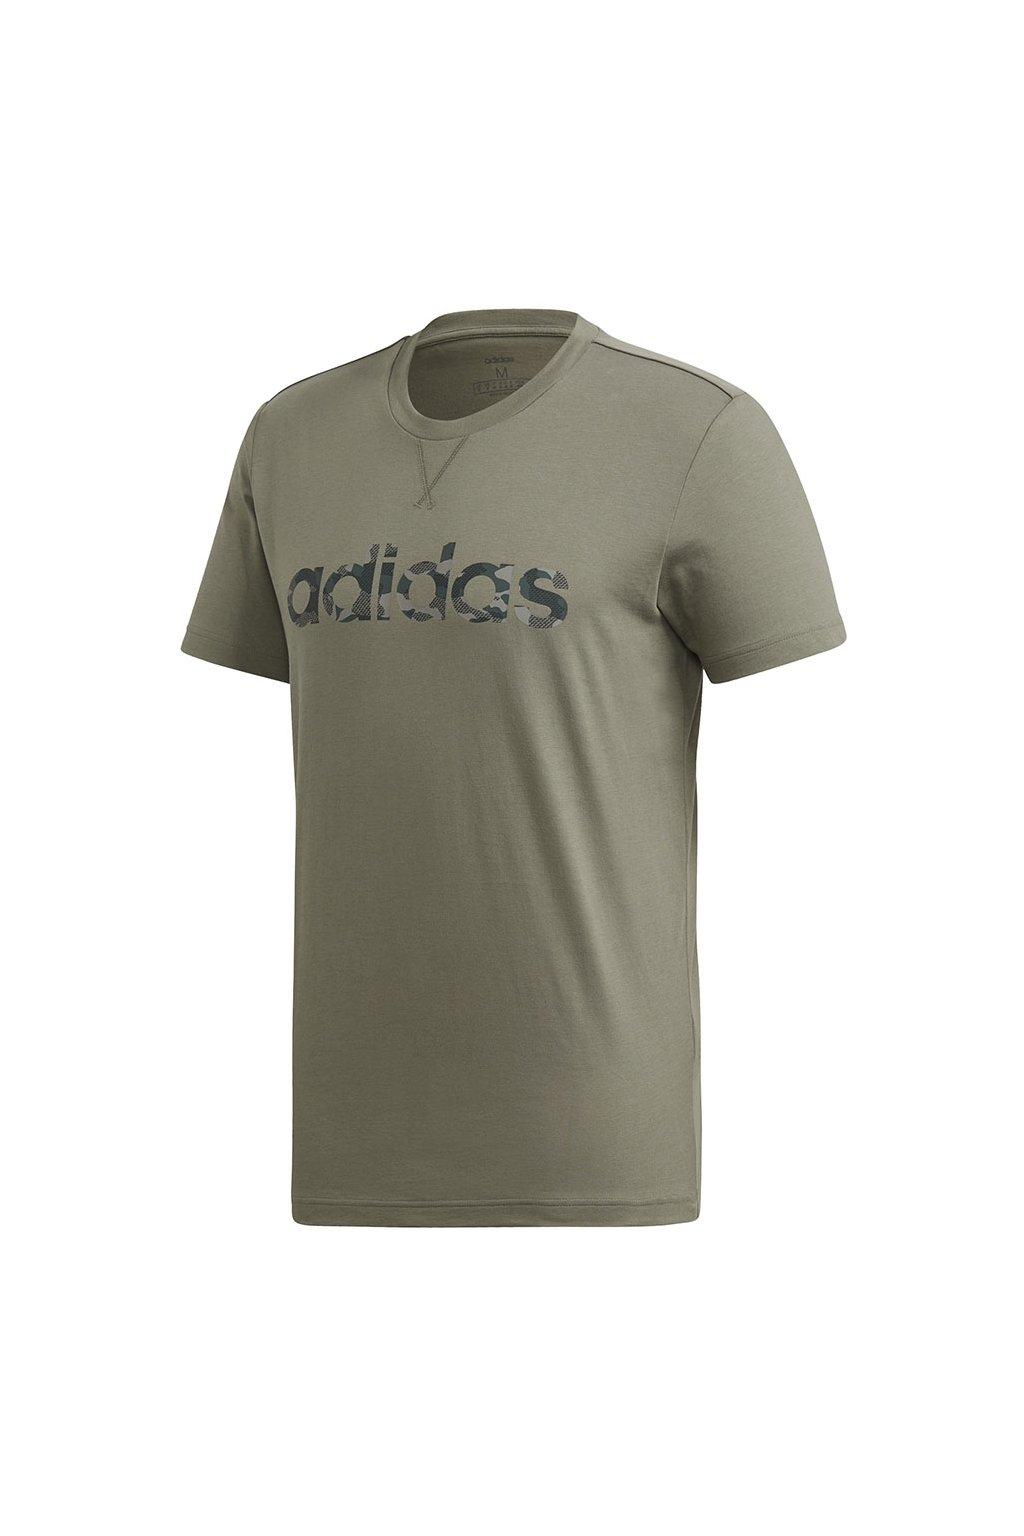 Pánske tričko Adidas E Camo Linear Tee olivové FM0224